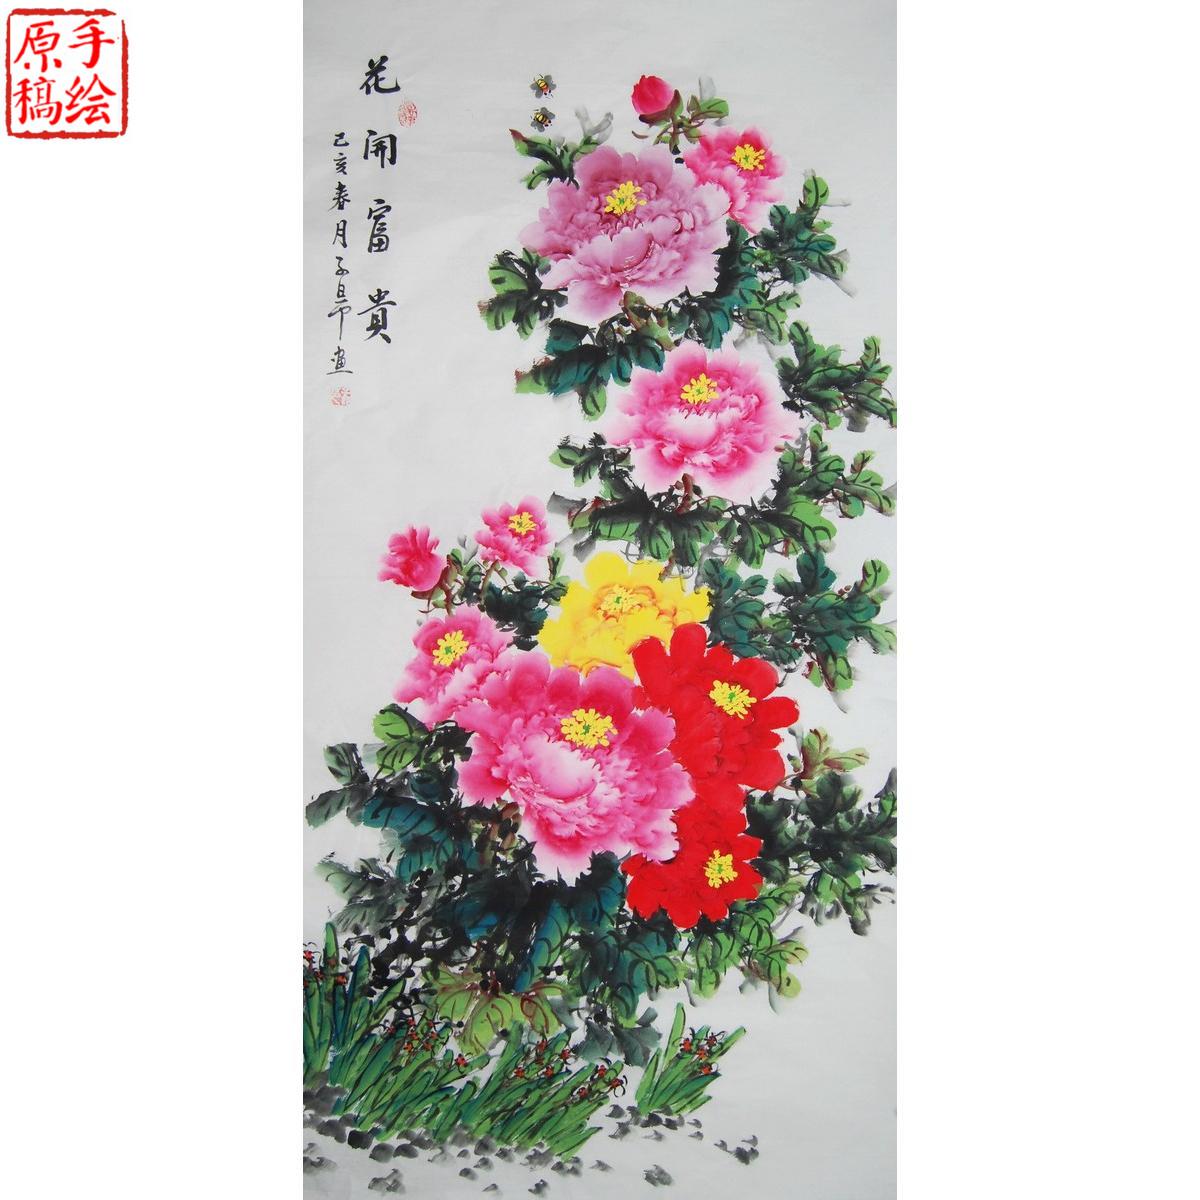 特價純手繪四尺國畫花鳥客廳風水畫花開富貴玄關裝飾字畫真跡畫心